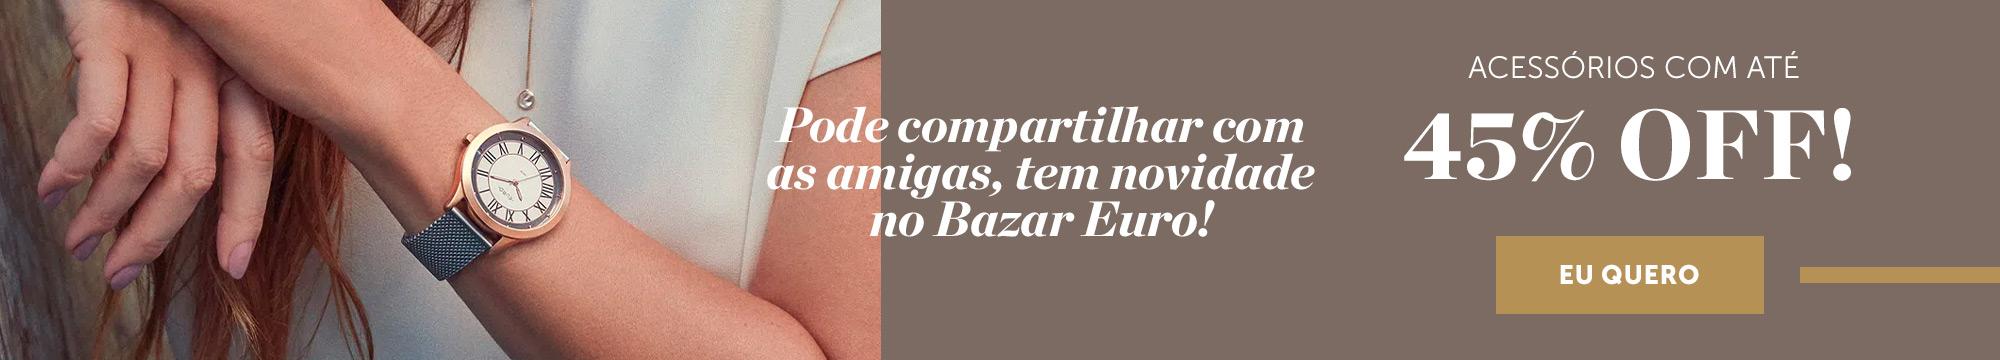 Bazar_relogios